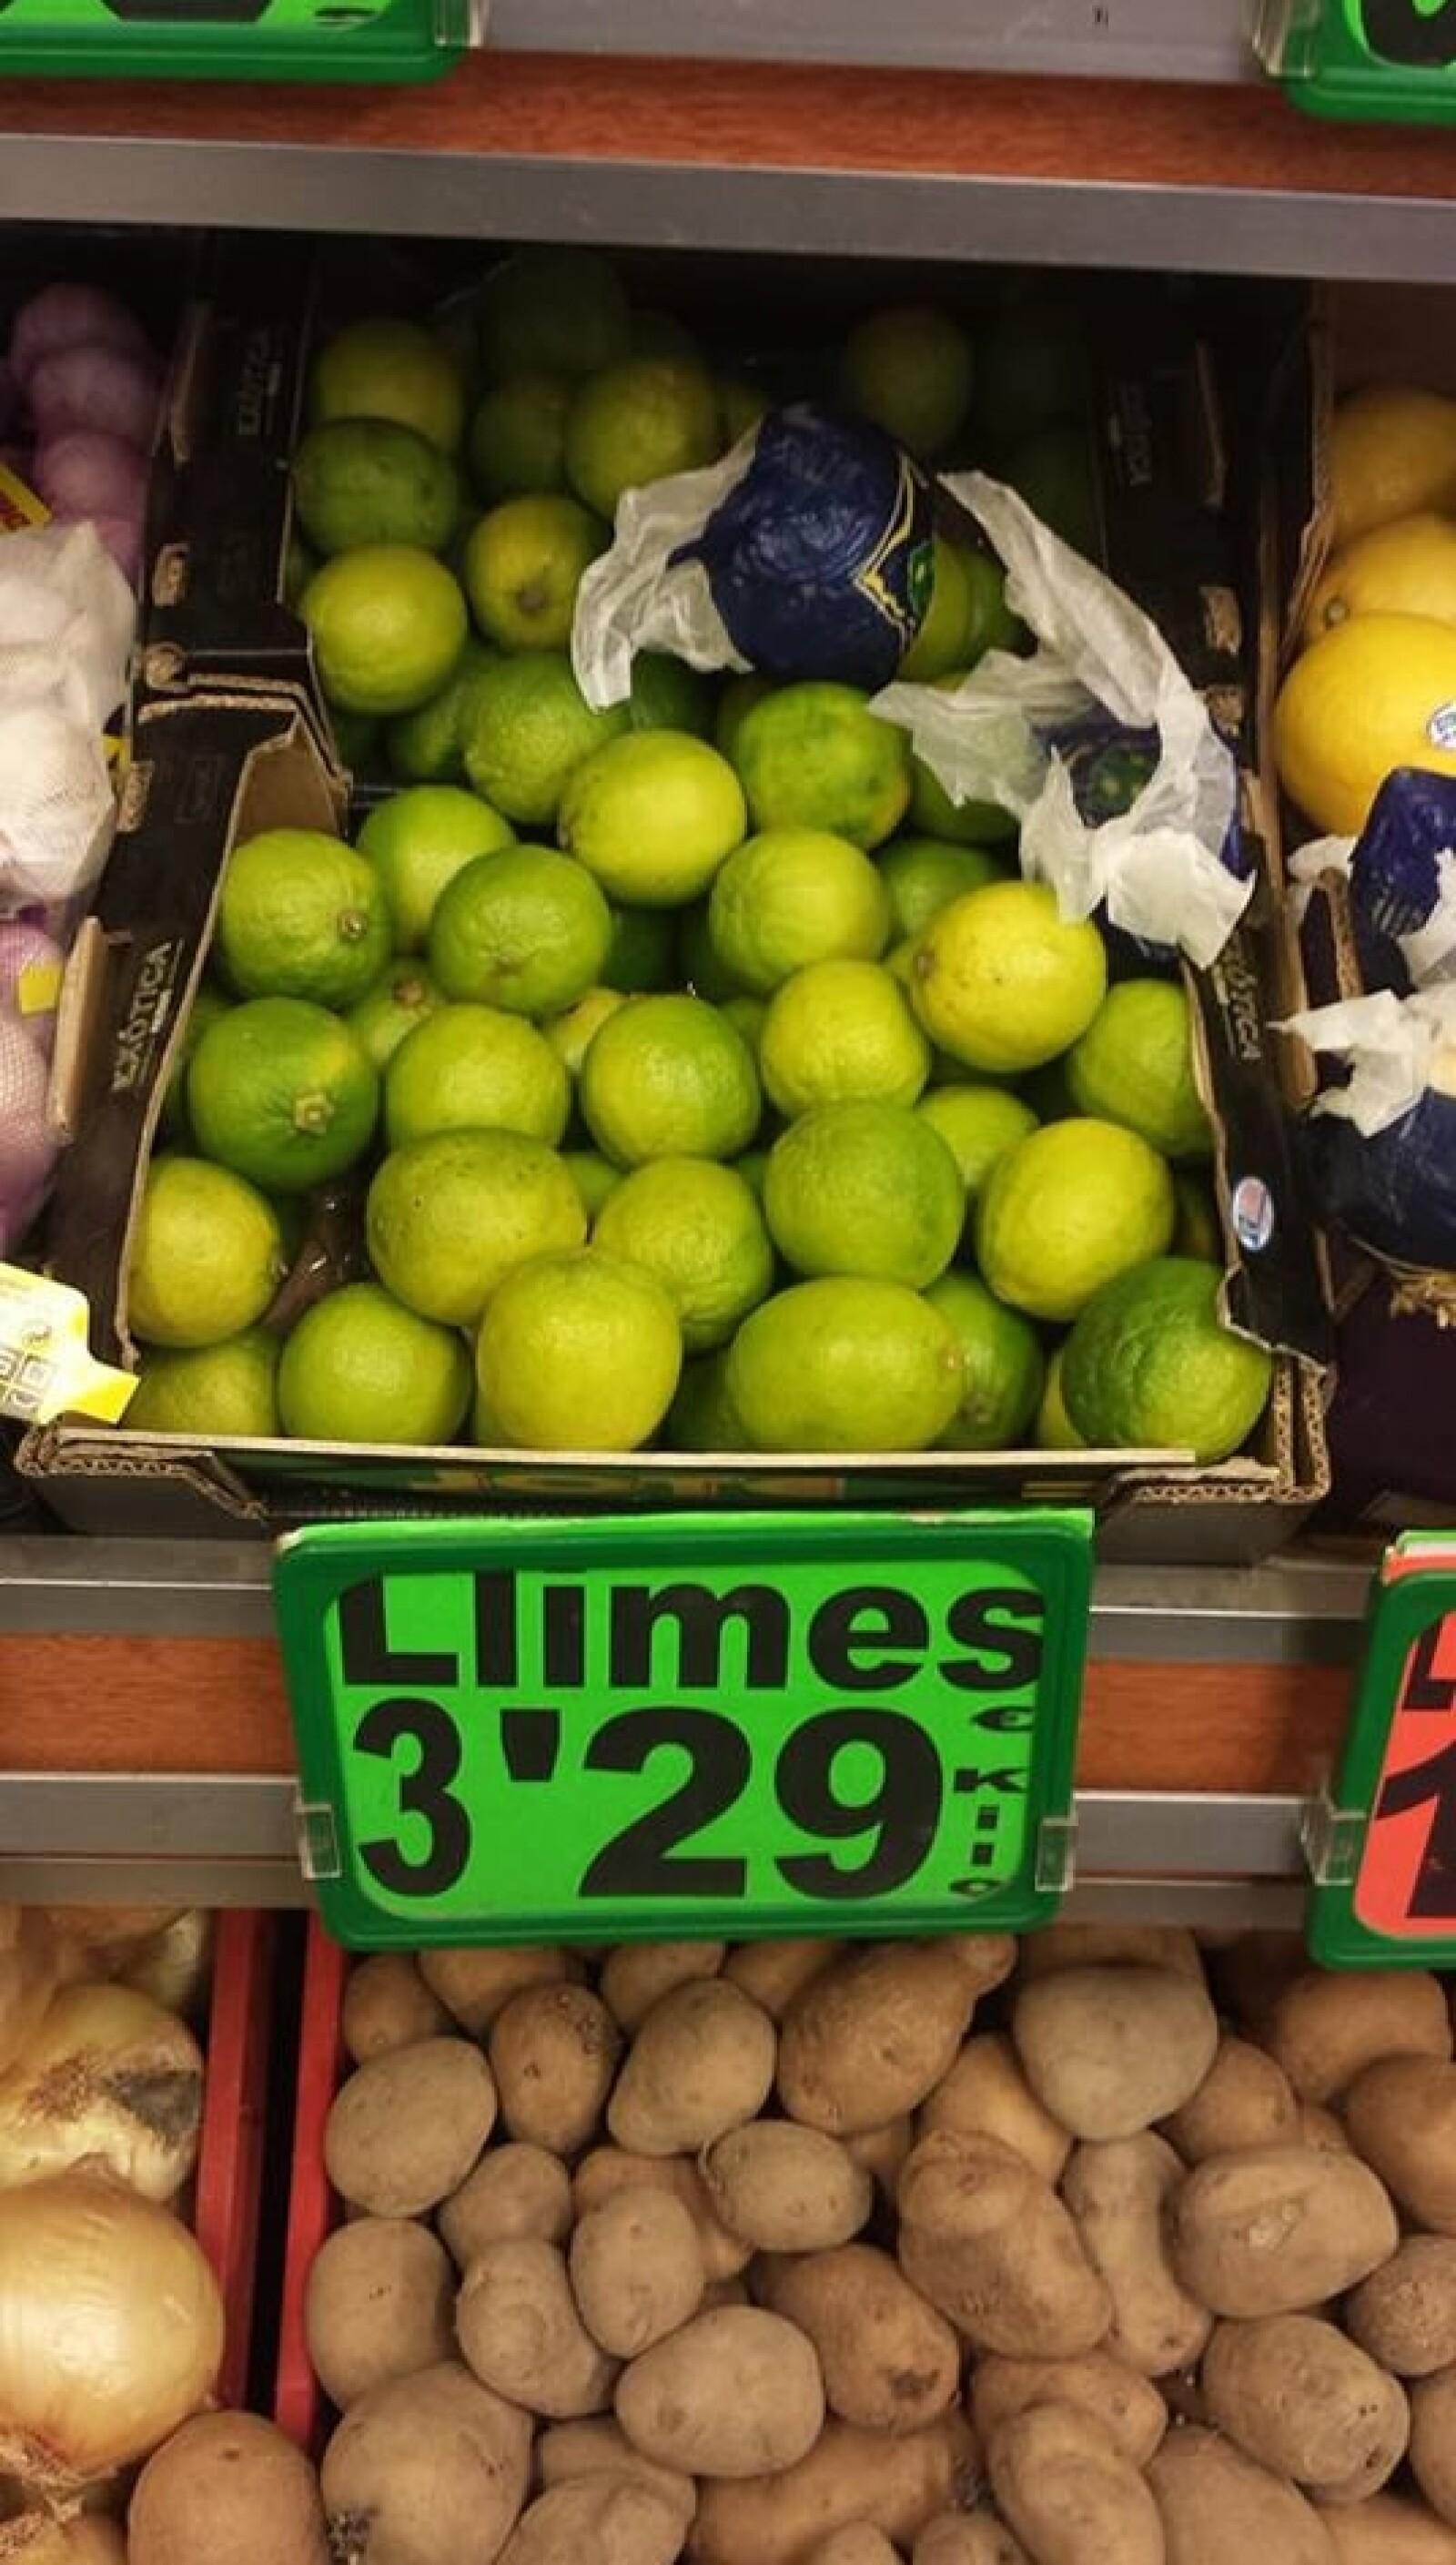 En un céntrico mercado en Barcelona, el kilo de limones cuesta 3.29 euros, pero en lugares más económicos el precio puede bajar hasta 2 euro